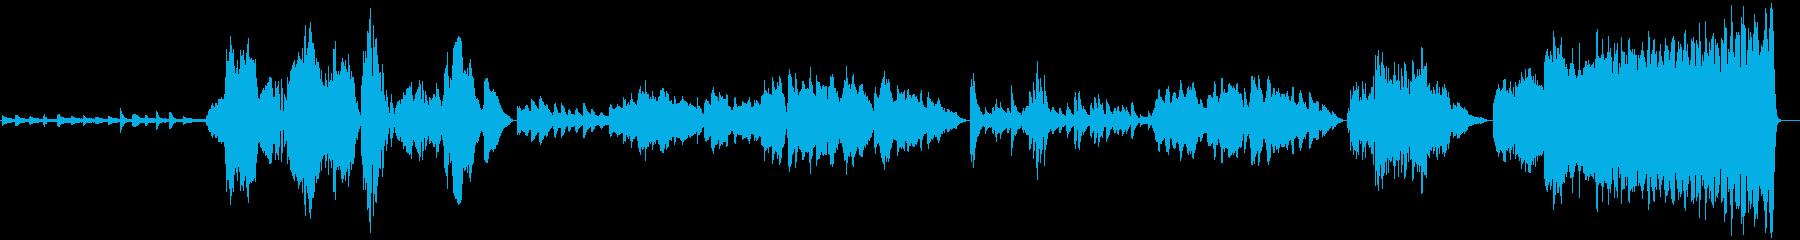 コンテンポラリー。クラシック。の再生済みの波形